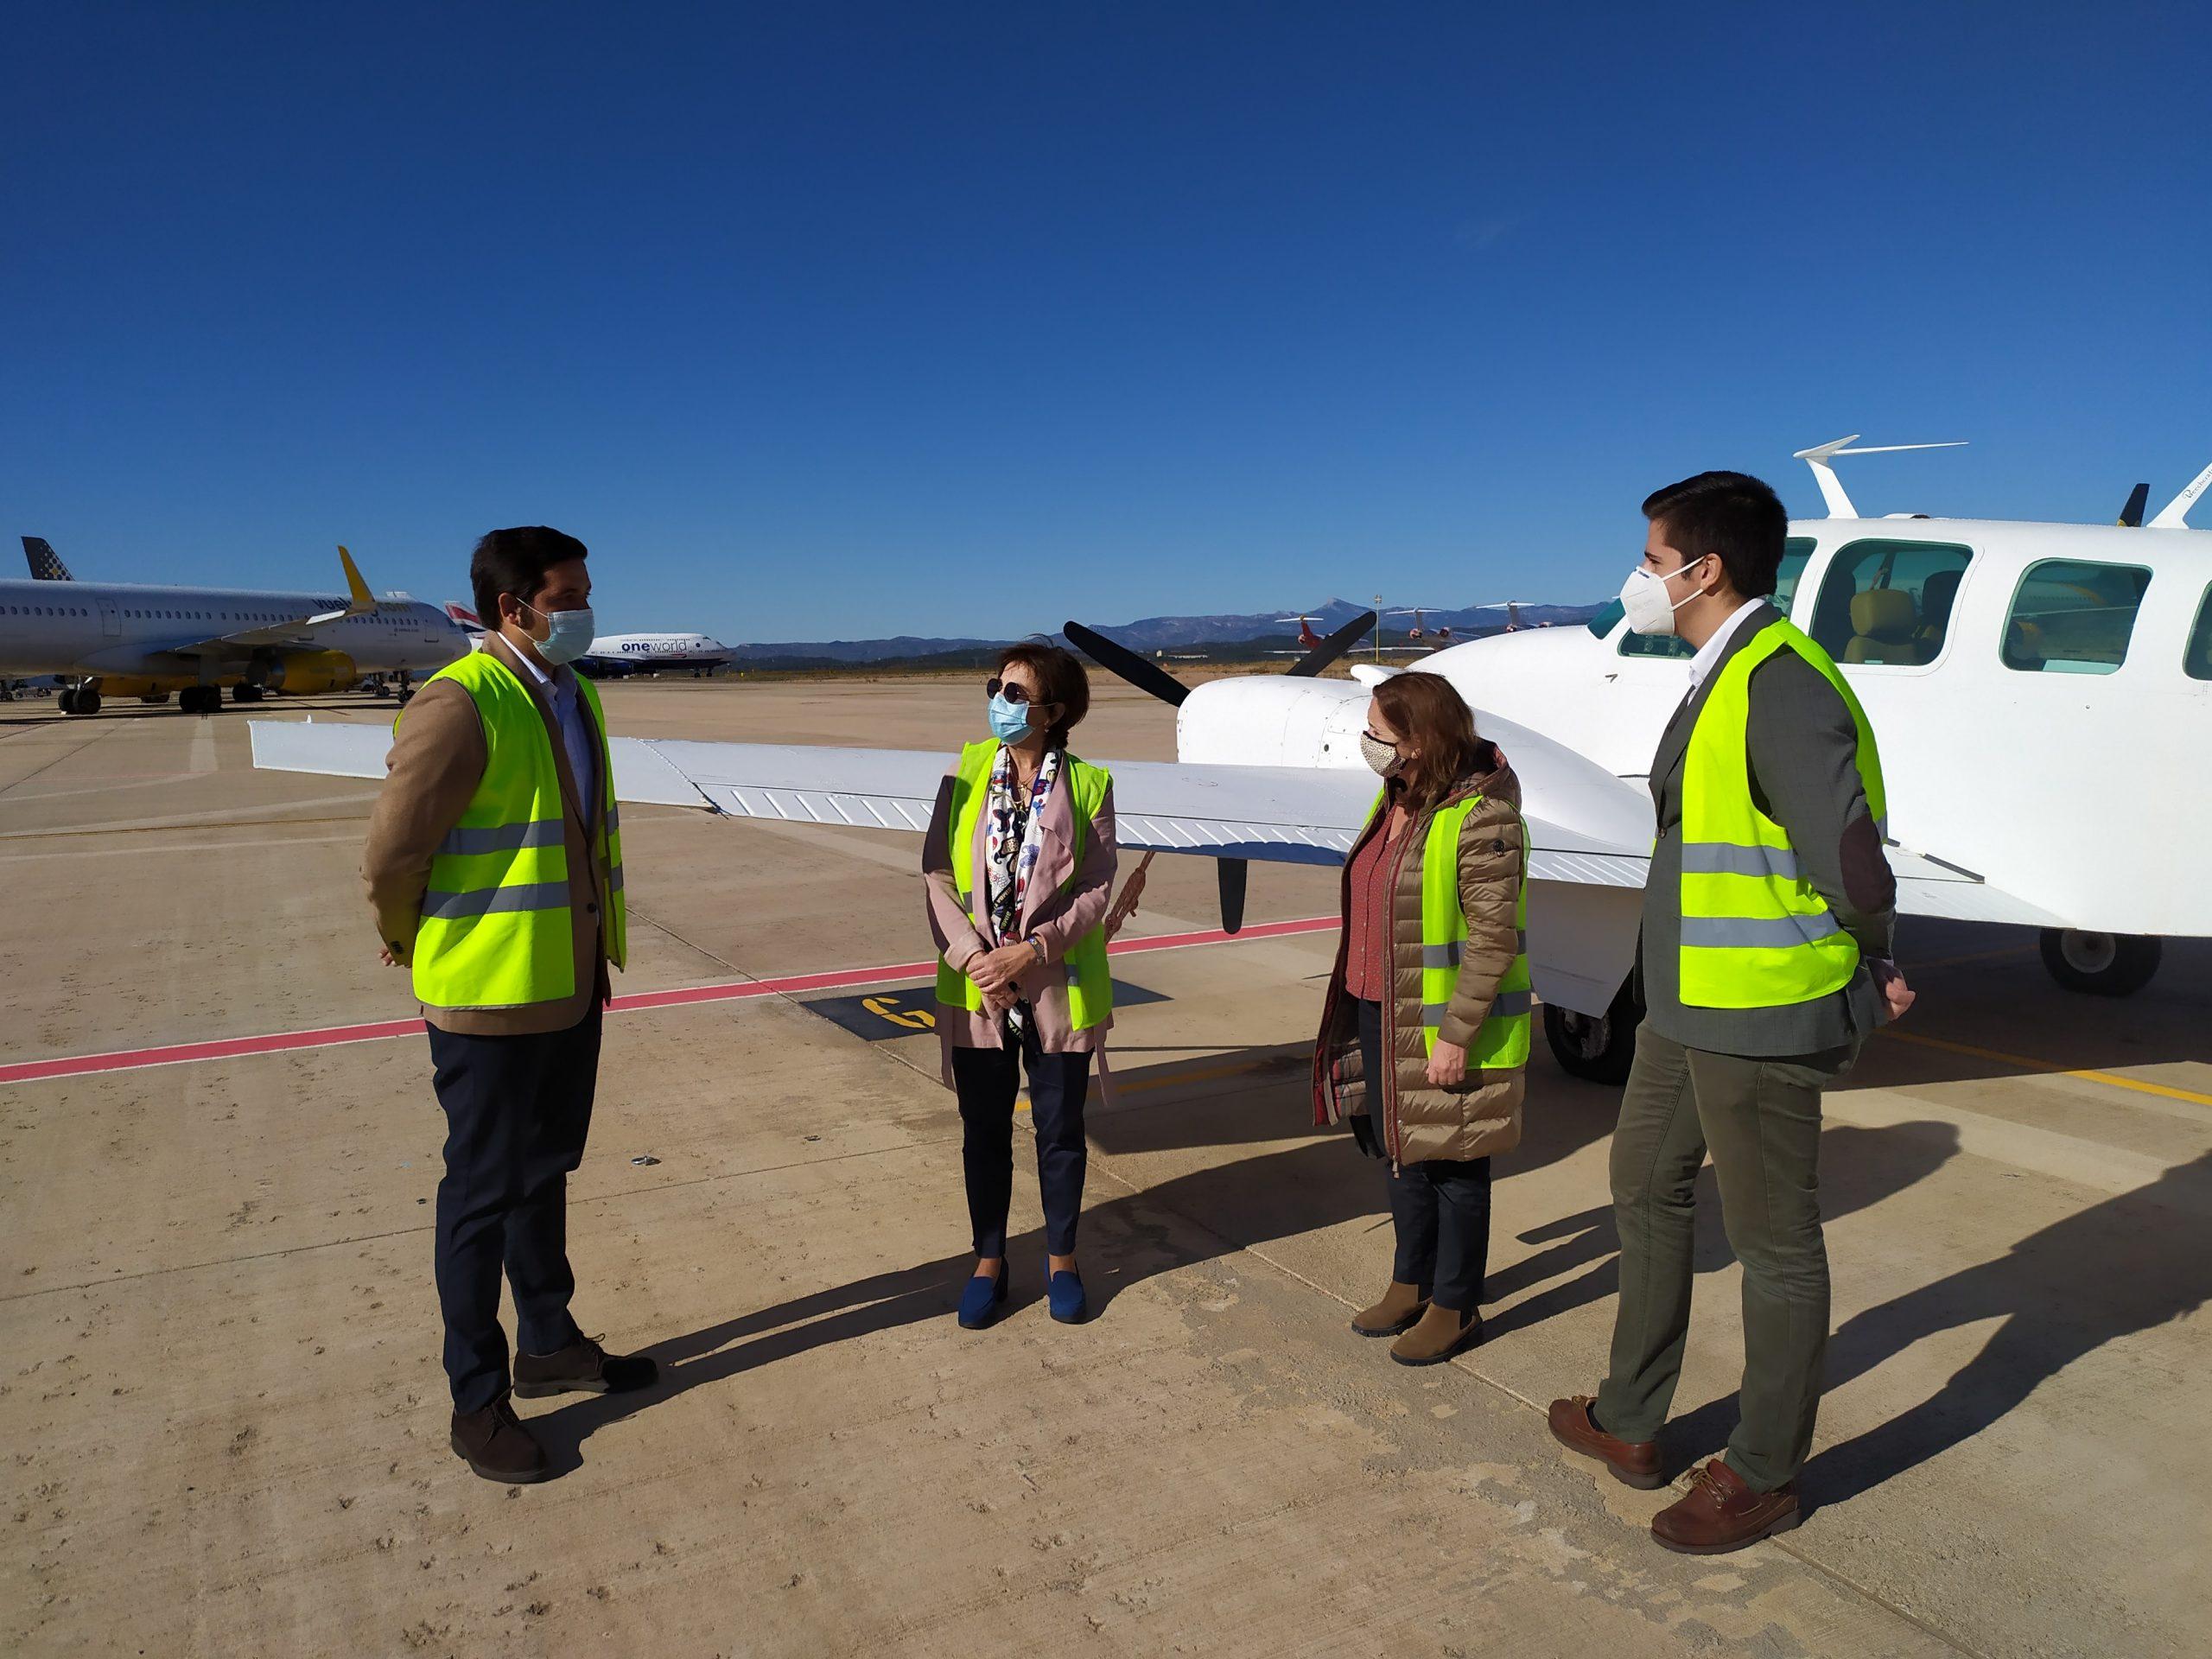 El aeropuerto de Castellón y PortCastelló establecen sinergias para impulsar el desarrollo del sector logístico